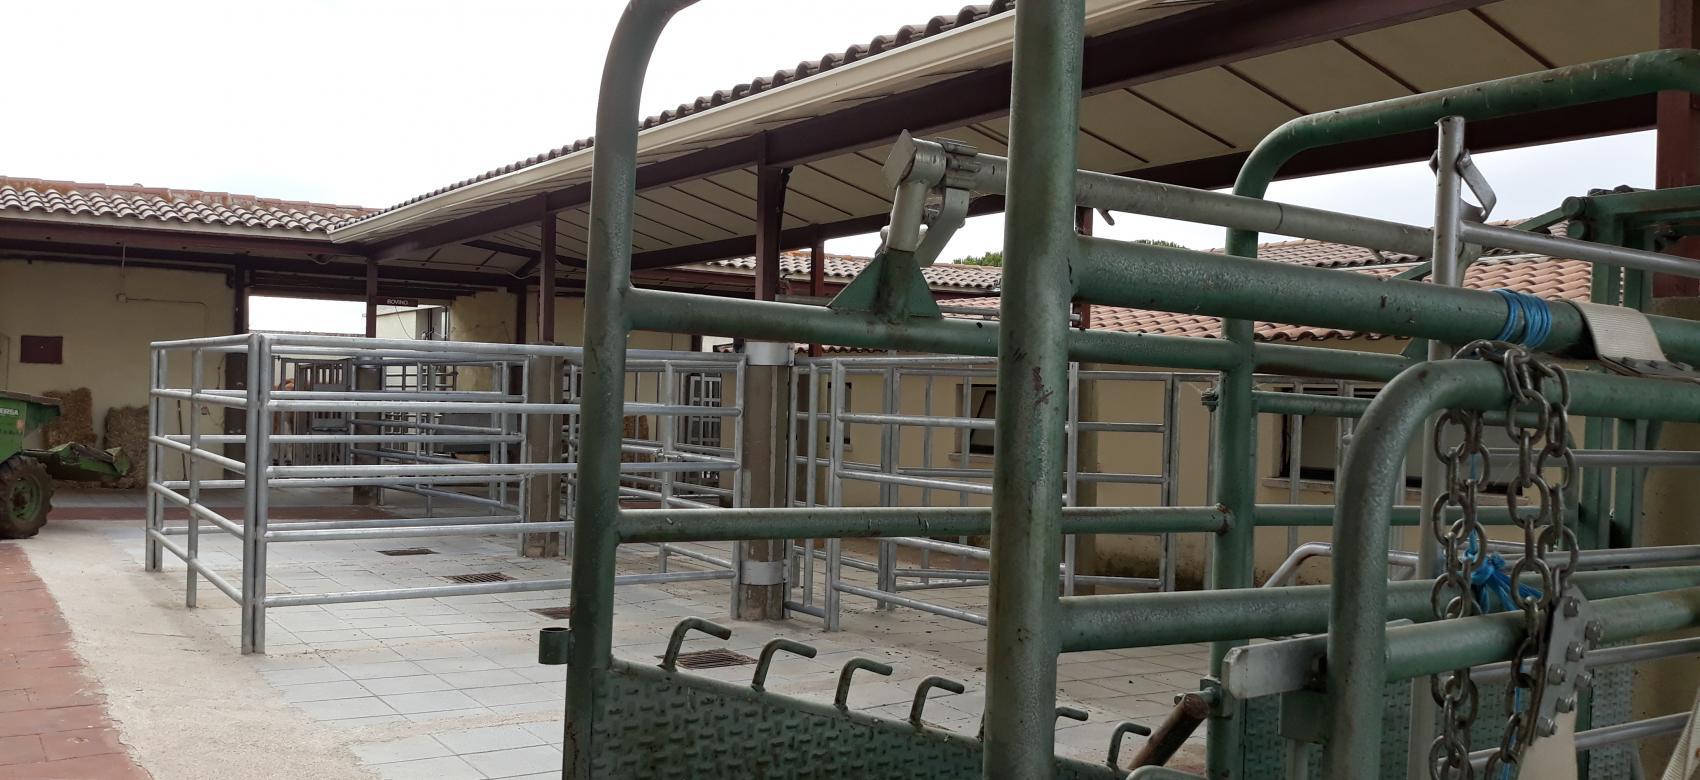 Instalaciones al aire libre para la extracción de semen de ganado bovino